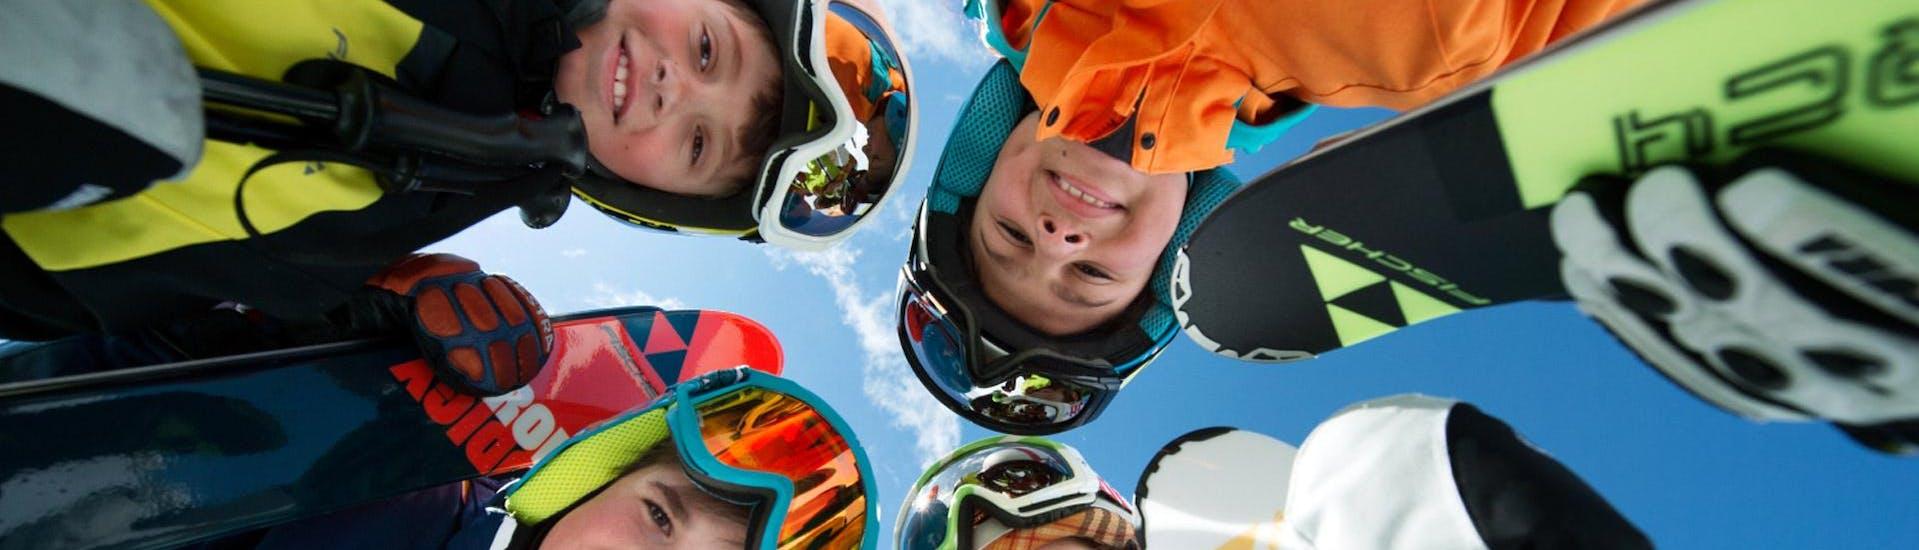 Kinder-Skikurs (5-15 J.) für Anfänger - Wochenende